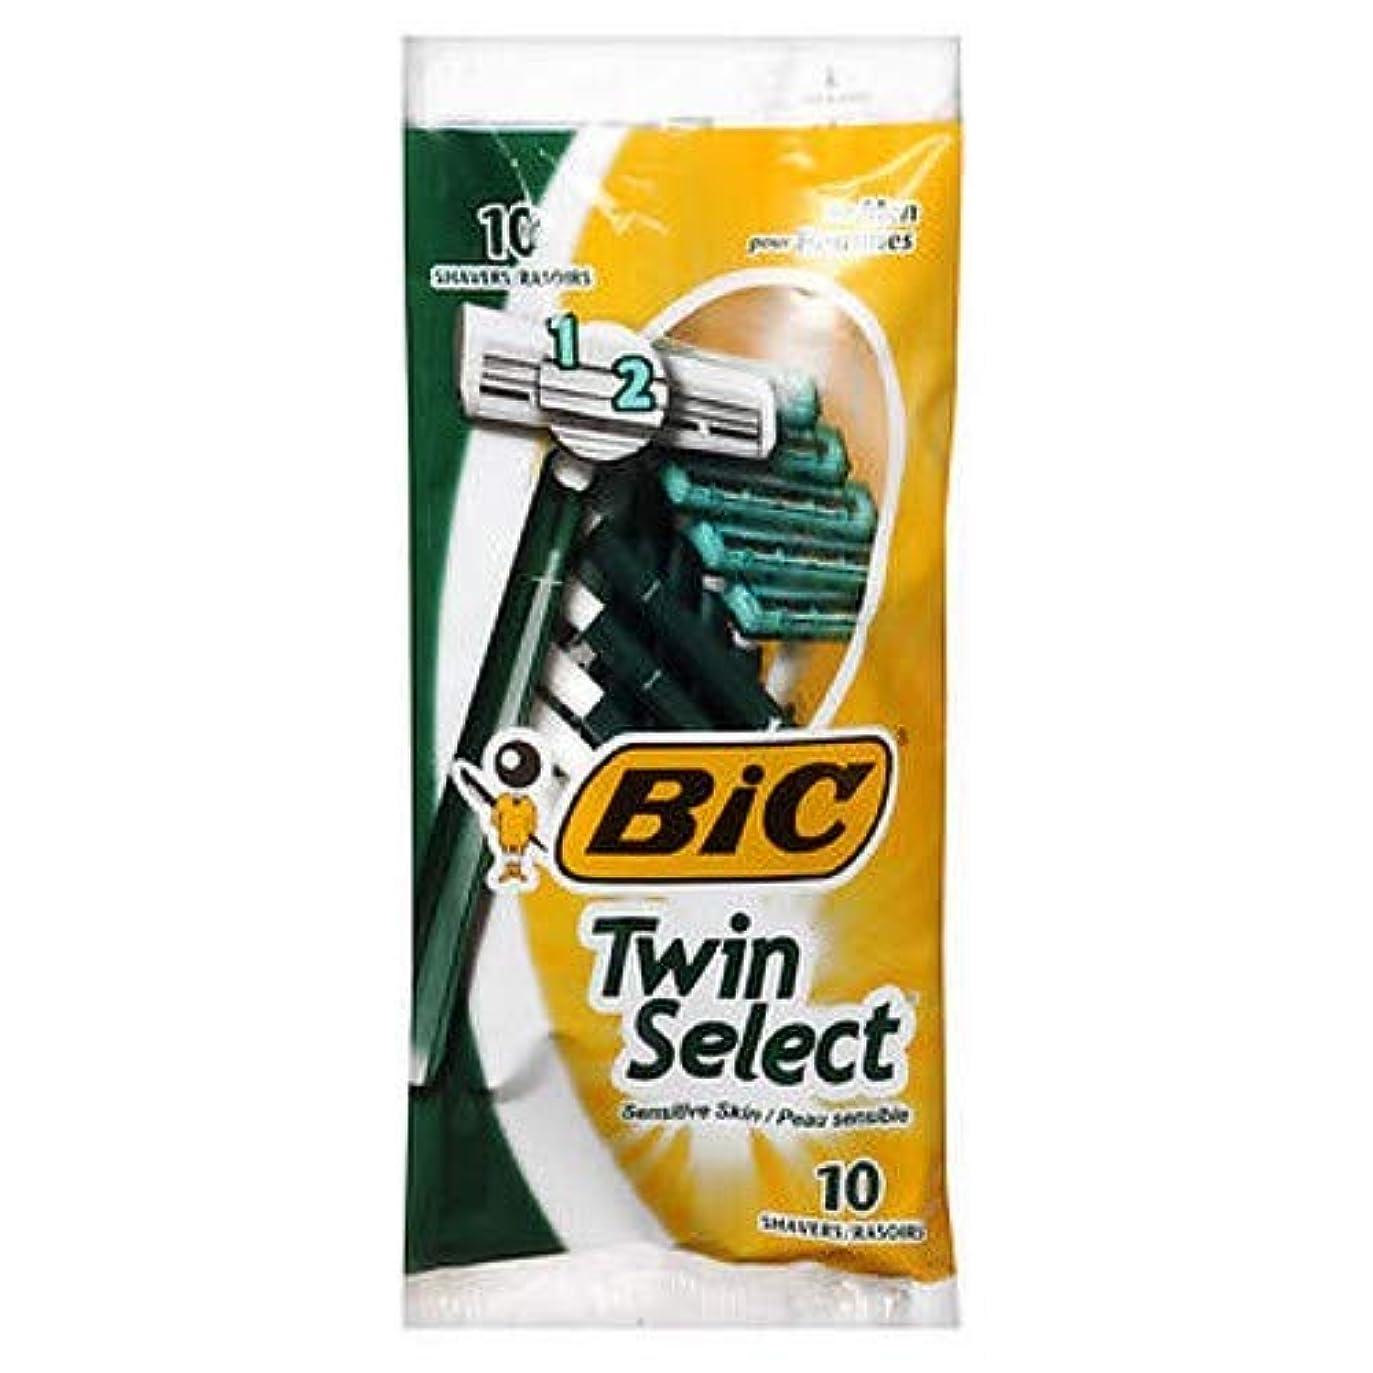 水を飲むポータブル柔和BIC 男性の敏感肌用ツインセレクトシェーバー10の各(10パック) 10のパック